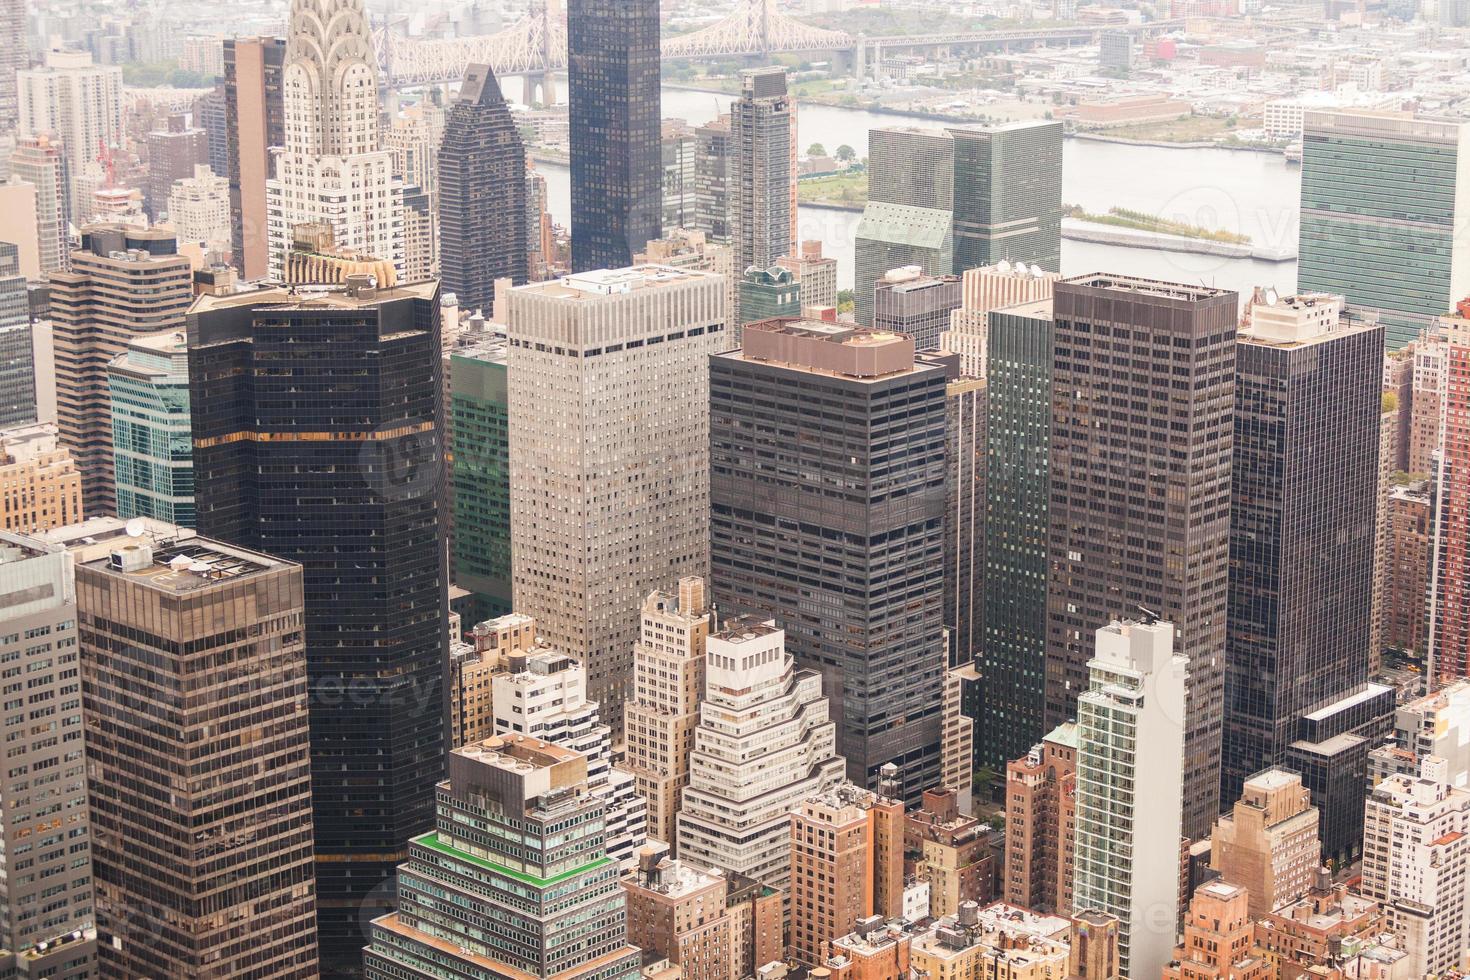 vista aerea di New York in una giornata nuvolosa foto